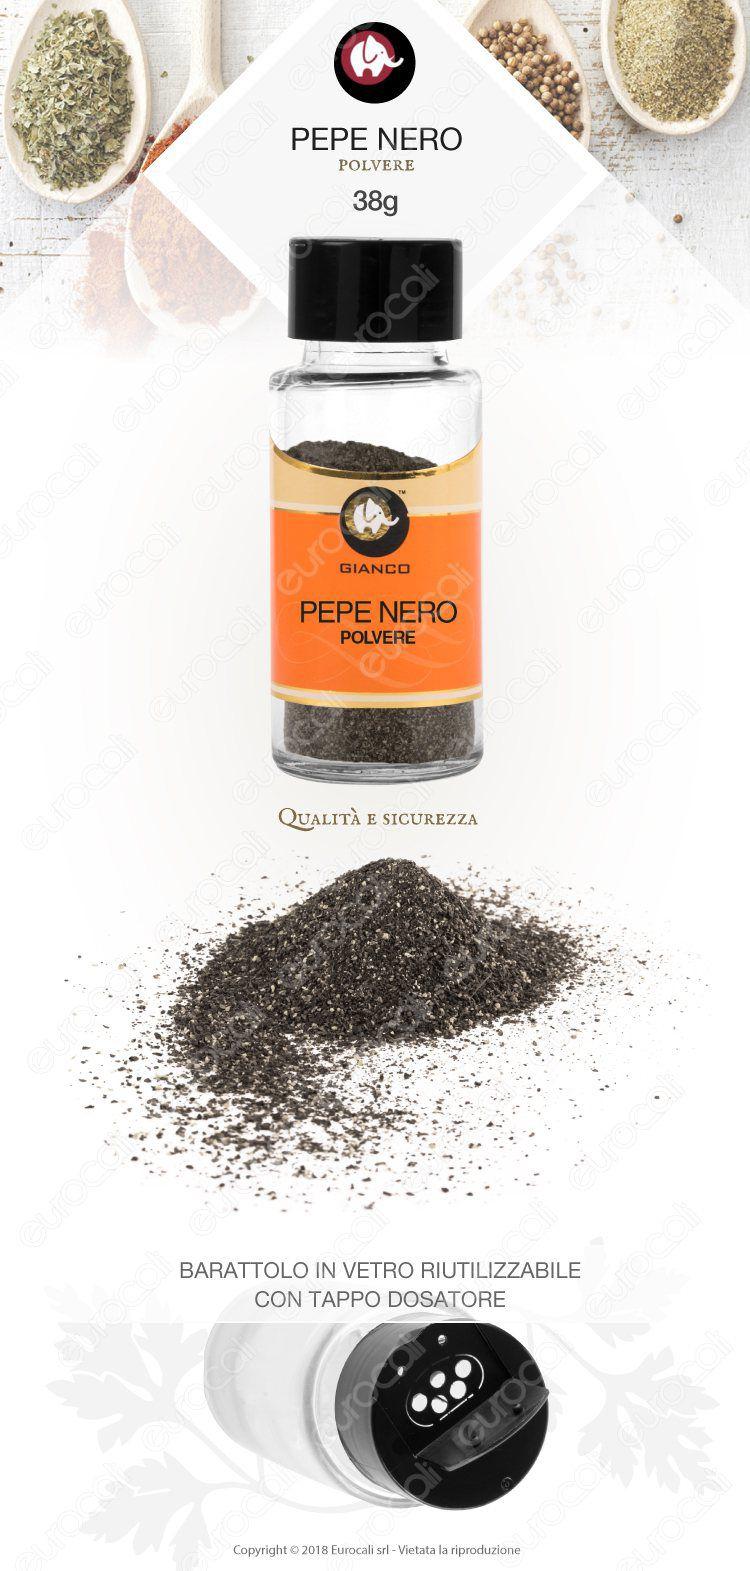 Gianco Pepe Nero Polvere